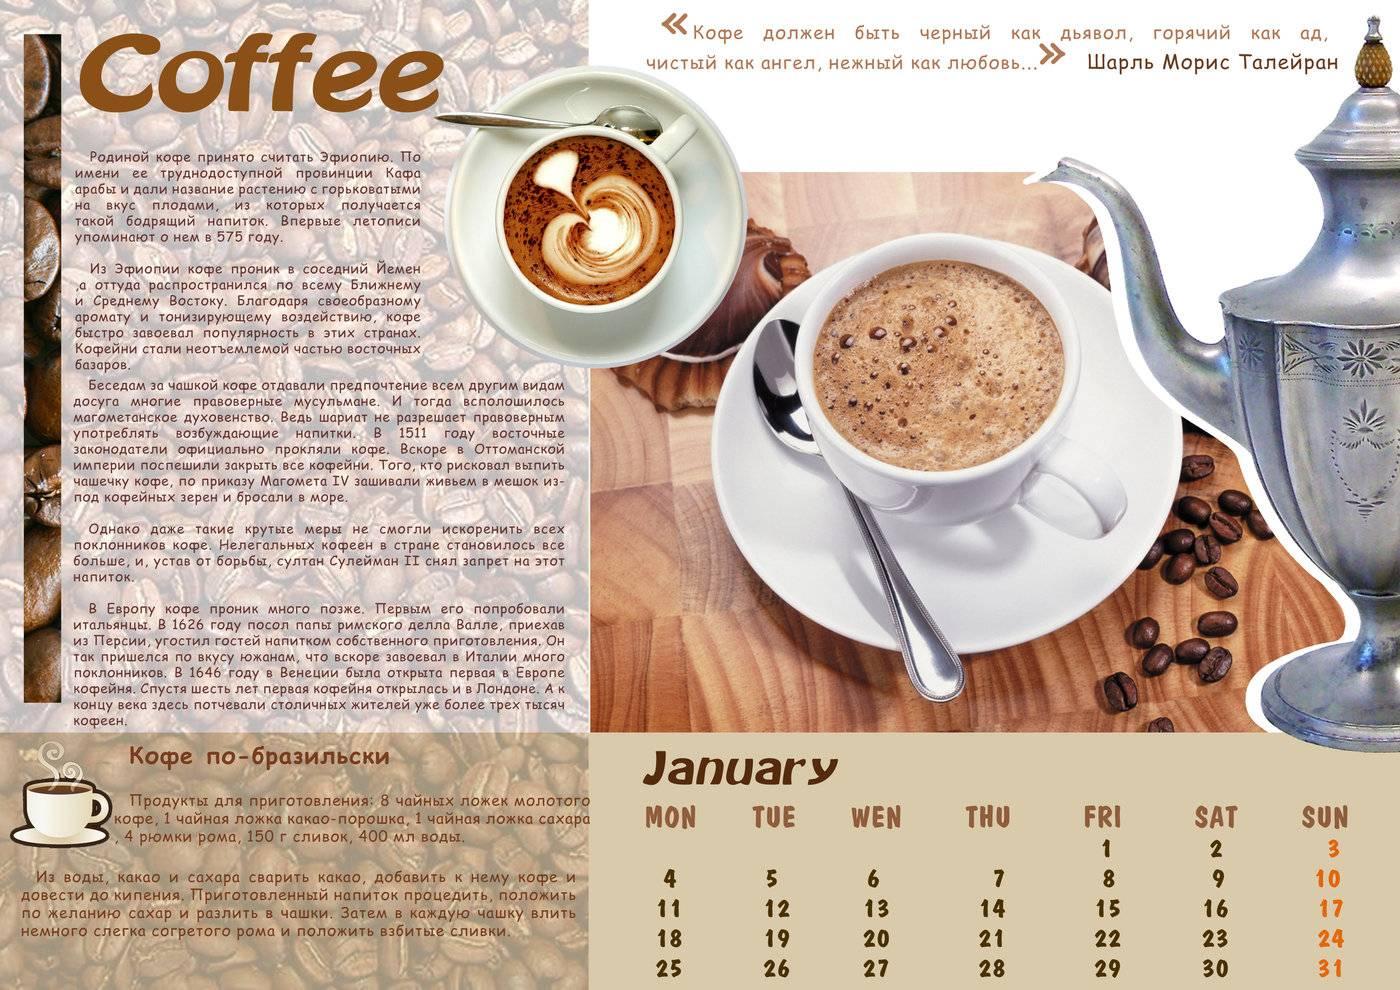 Сколько кофе в одной чашке